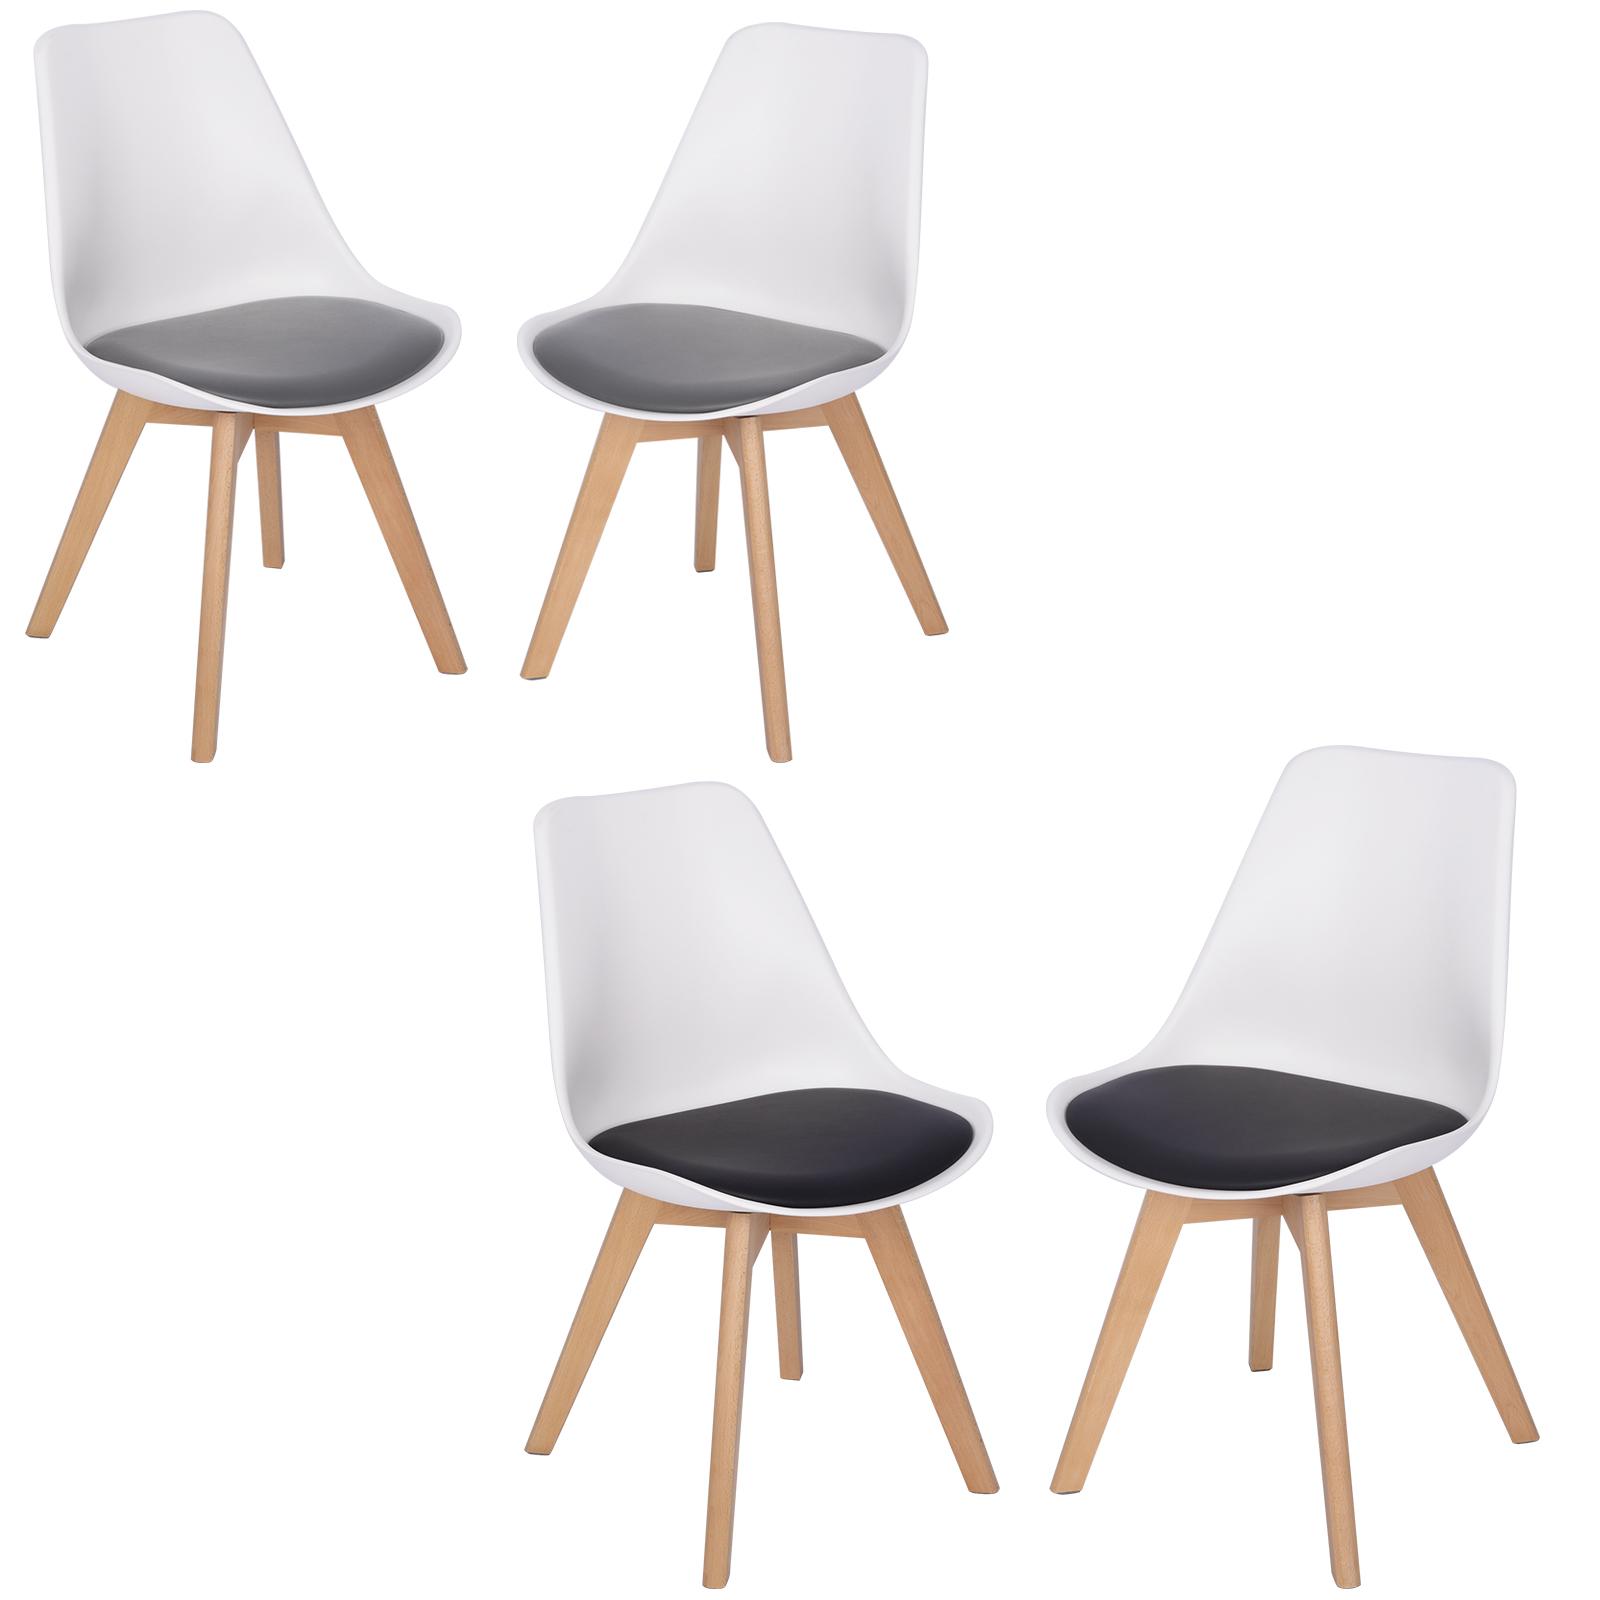 2er set esszimmerst hle k chenstuhl design stuhl